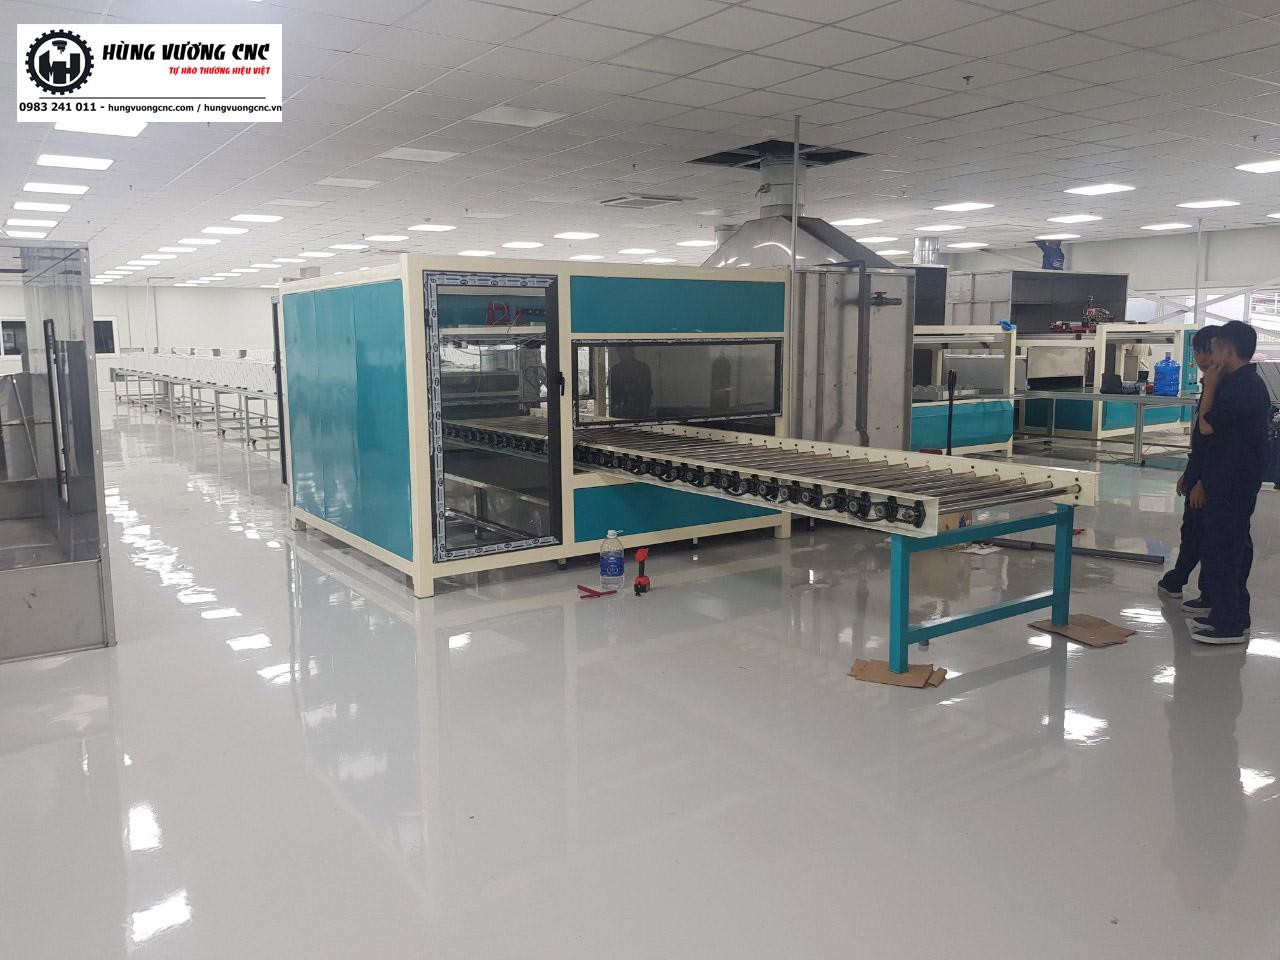 hệ thống sơn sấy tự động tại BUMJIN - Hàn Quốc